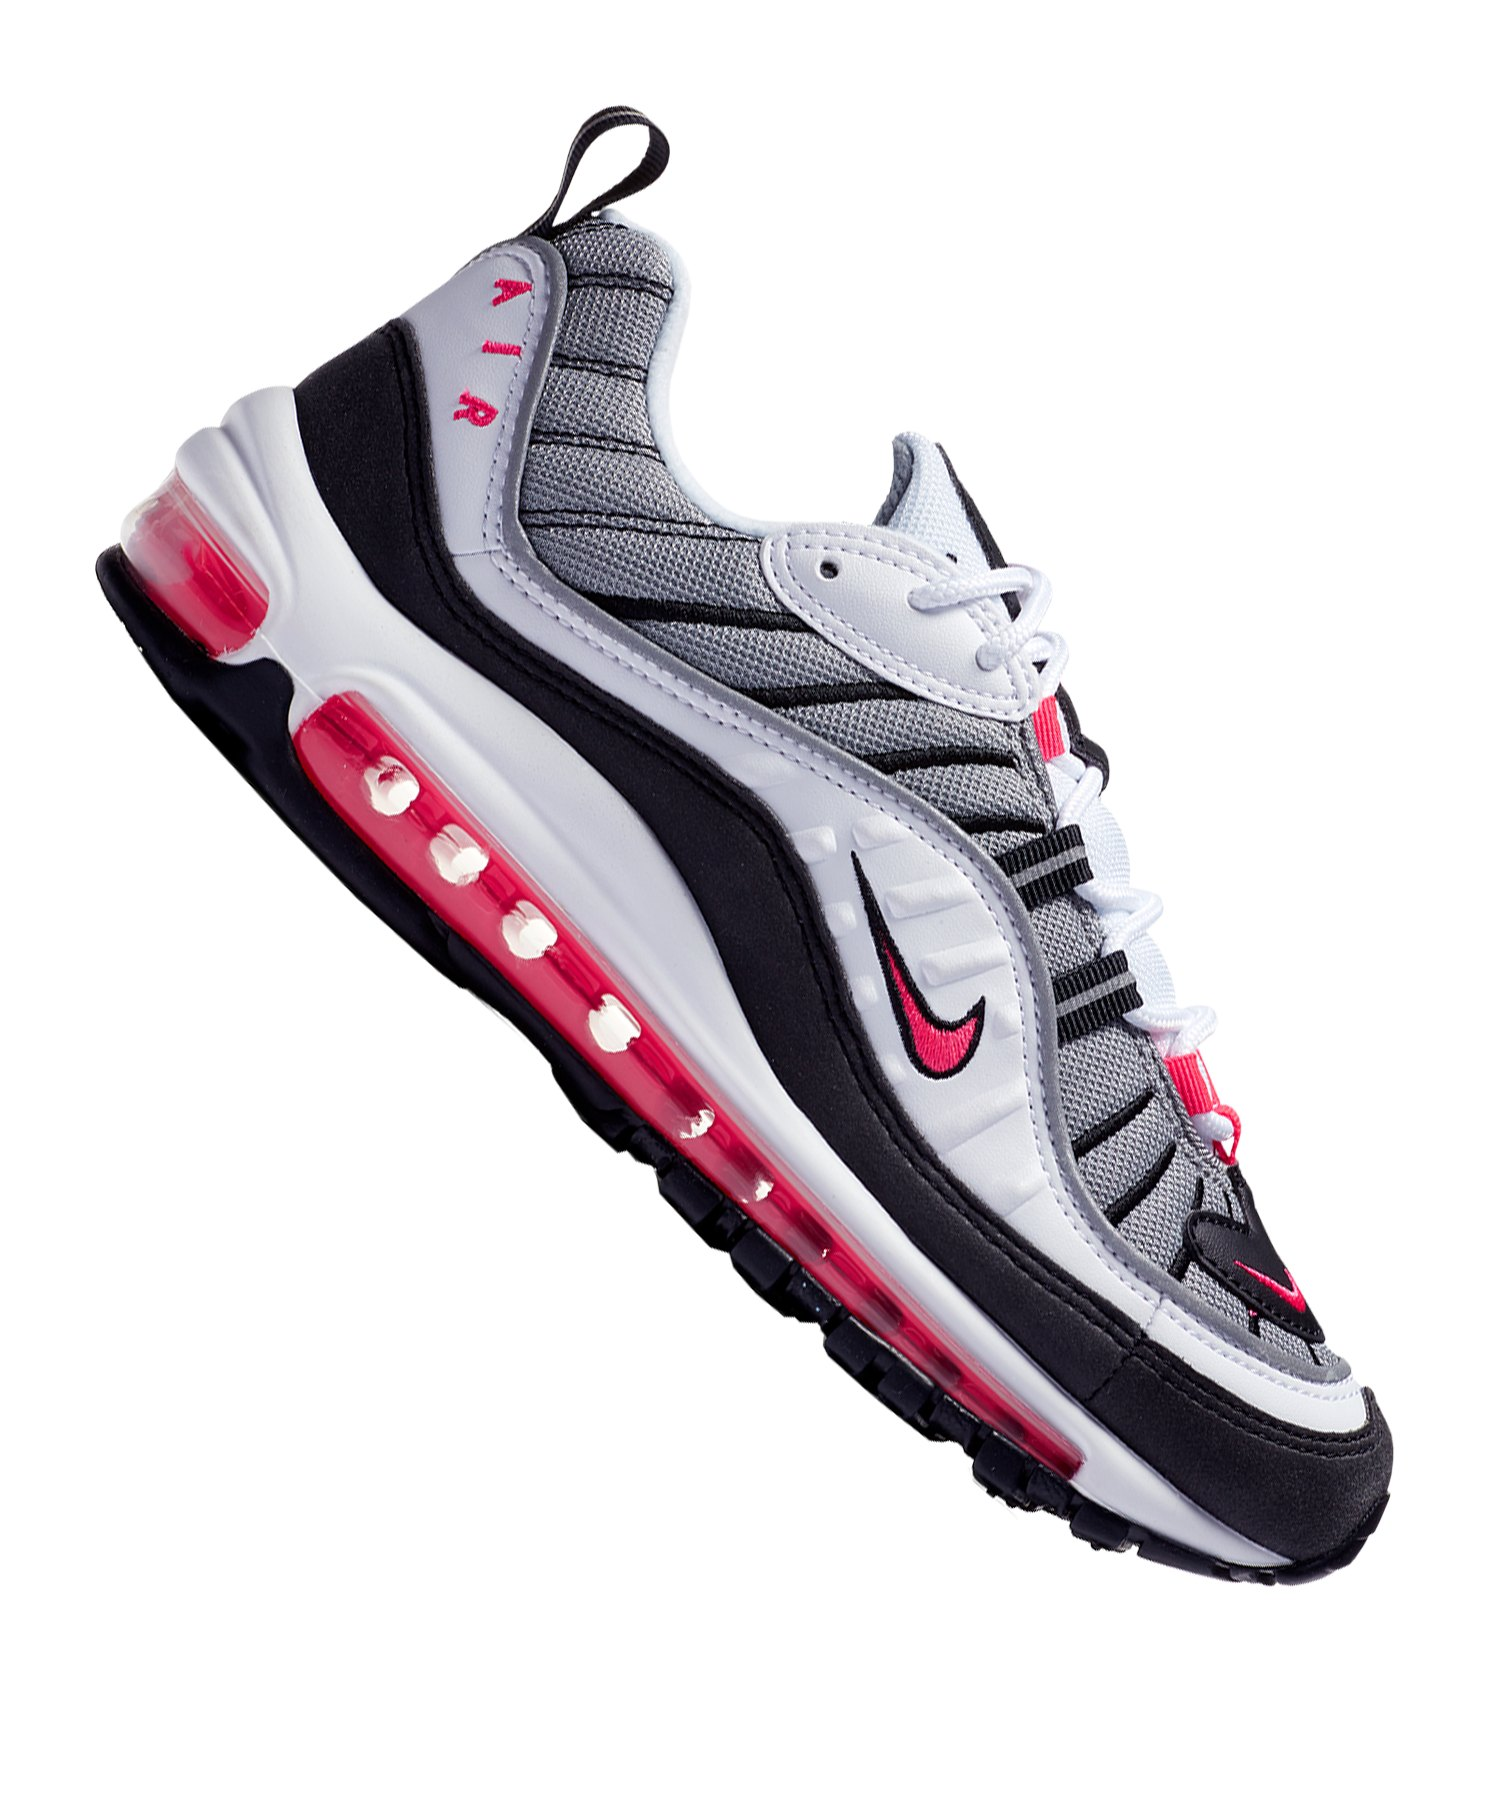 Air Max 98 Premium Damen Sneaker